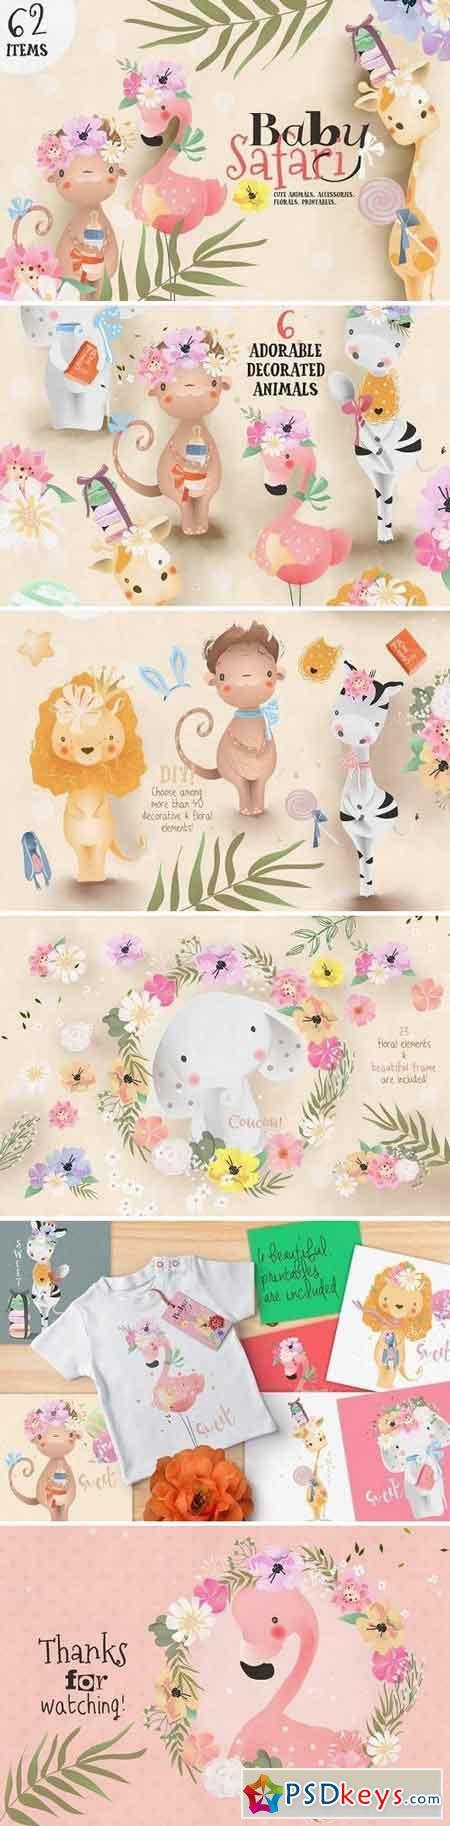 Baby Safari Collection 2260364